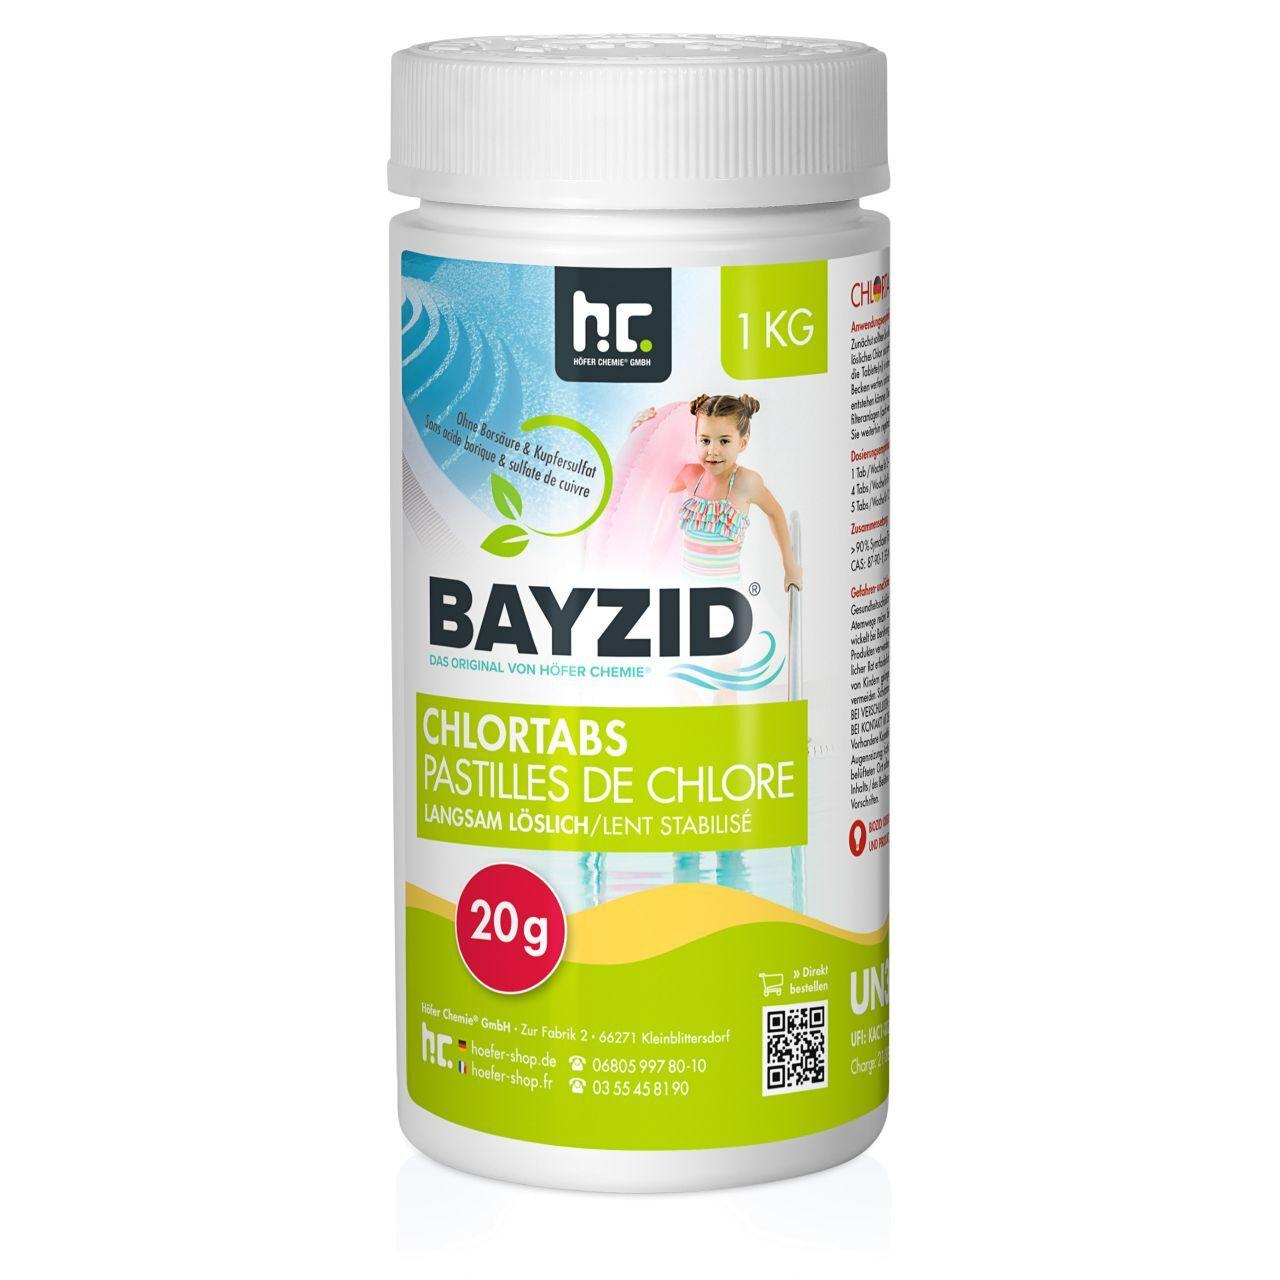 BAYZID 6 kg pastilles de chlore lent soluble 20 g (6 x 1 kg)